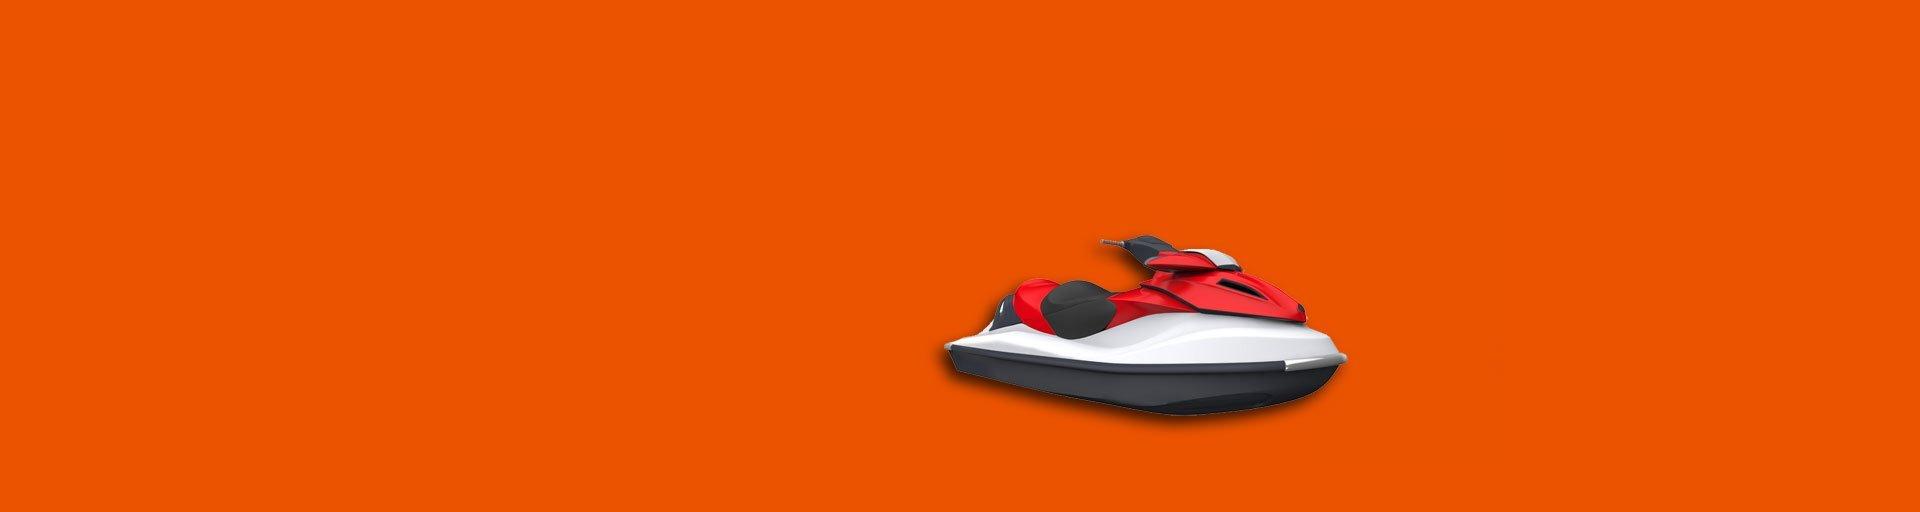 waterscooter verpanden